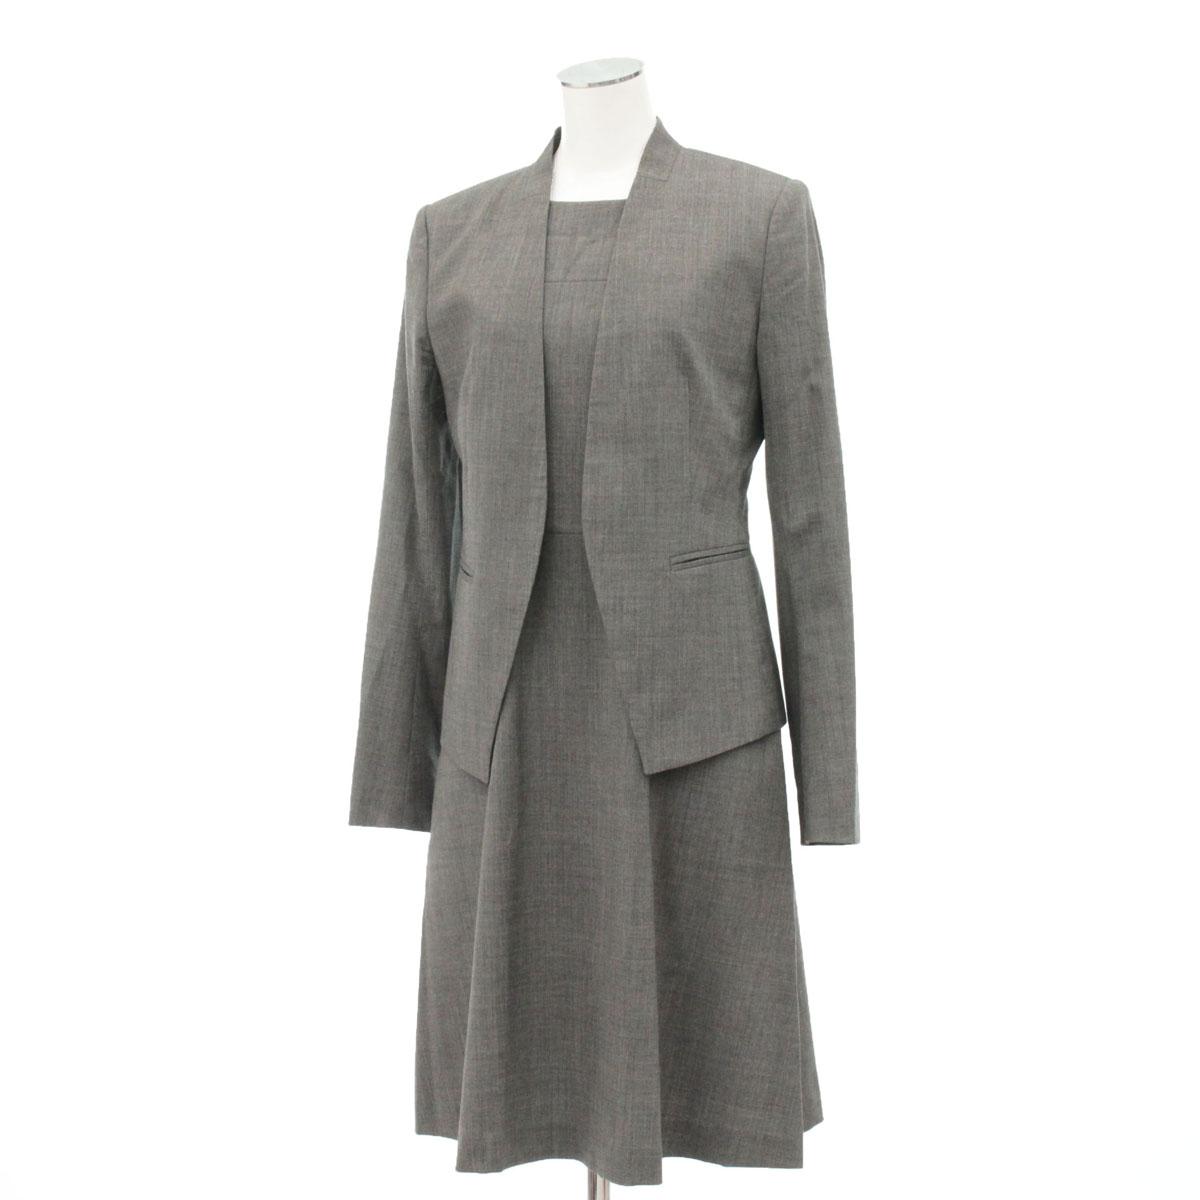 【中古】★セオリー ノーカラージャケット&スカートスーツ サイズ2★  グレー/ウール/18462-CH1118